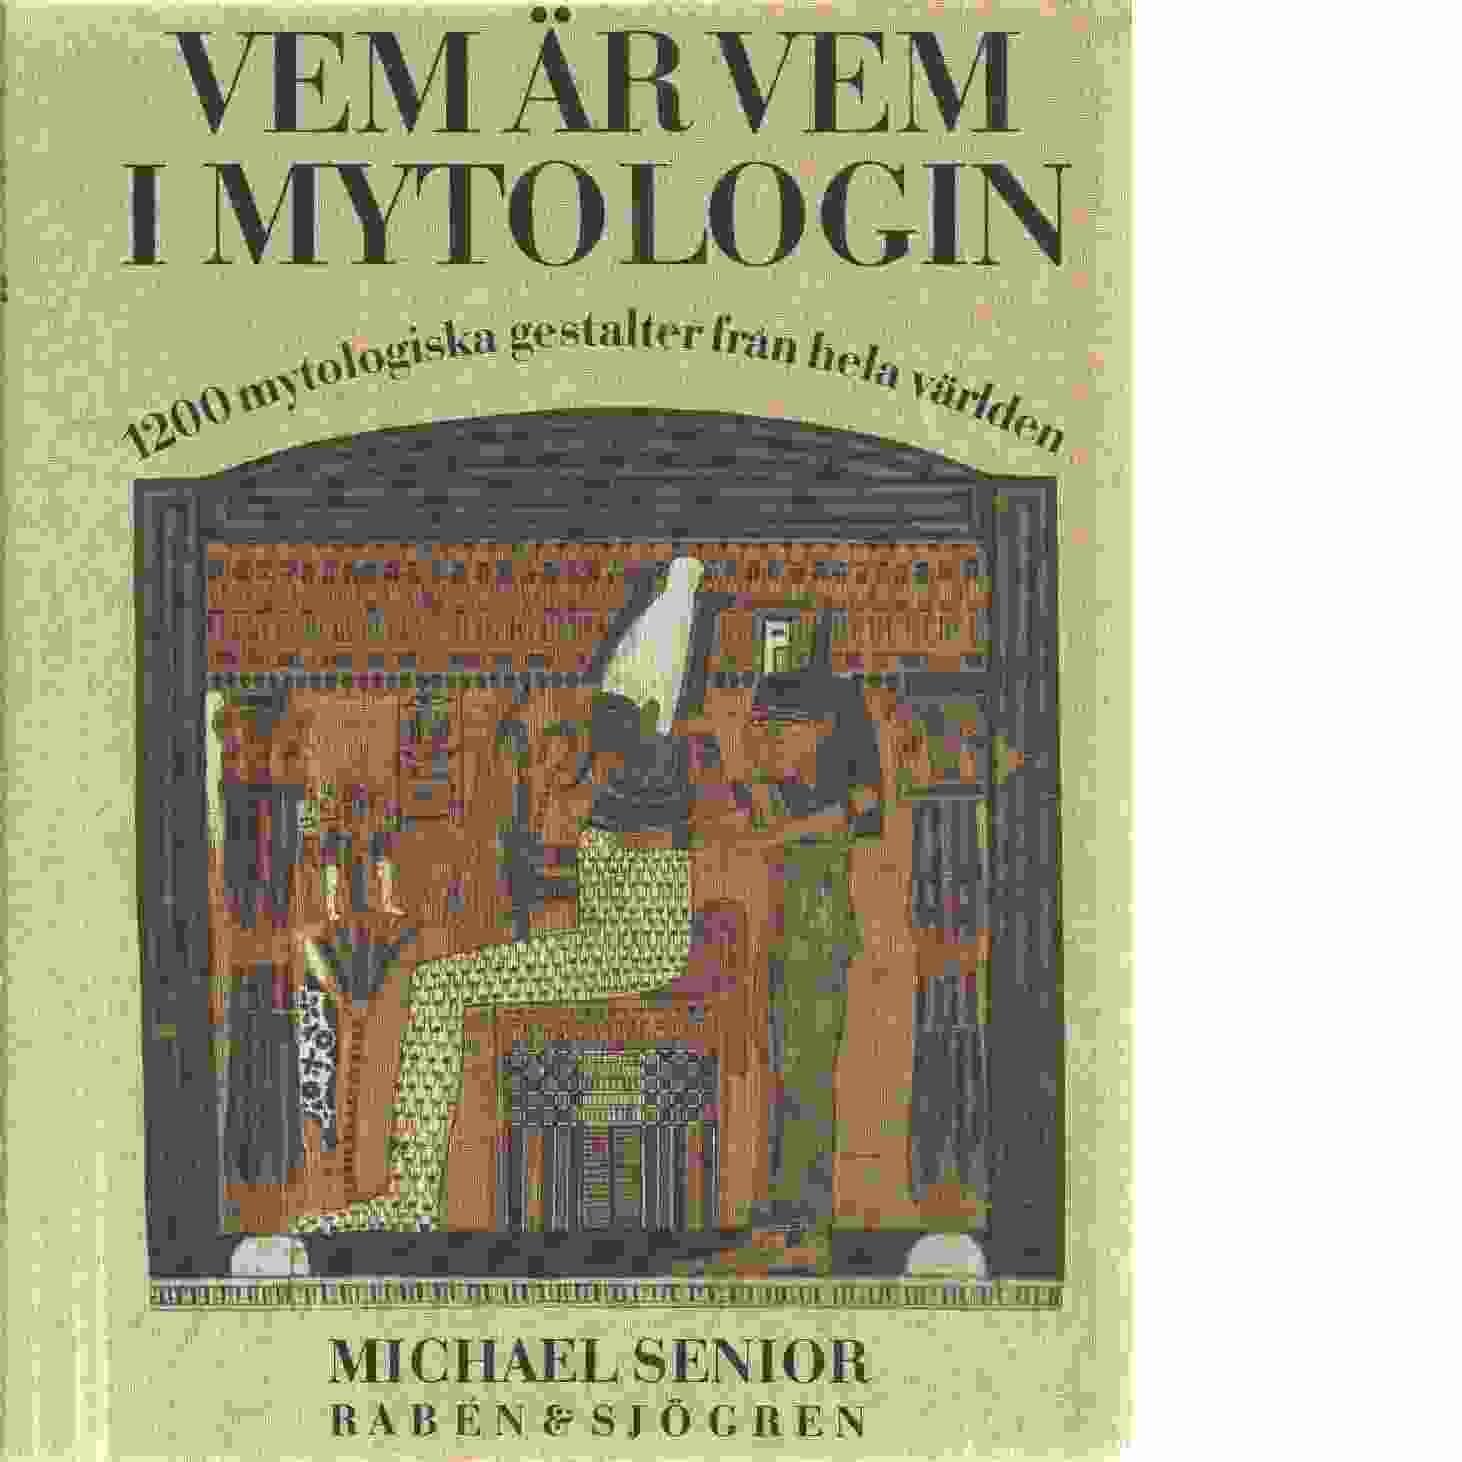 Vem är vem i mytologin : 1200 mytologiska gestalter från hela världen - Senior, Michael